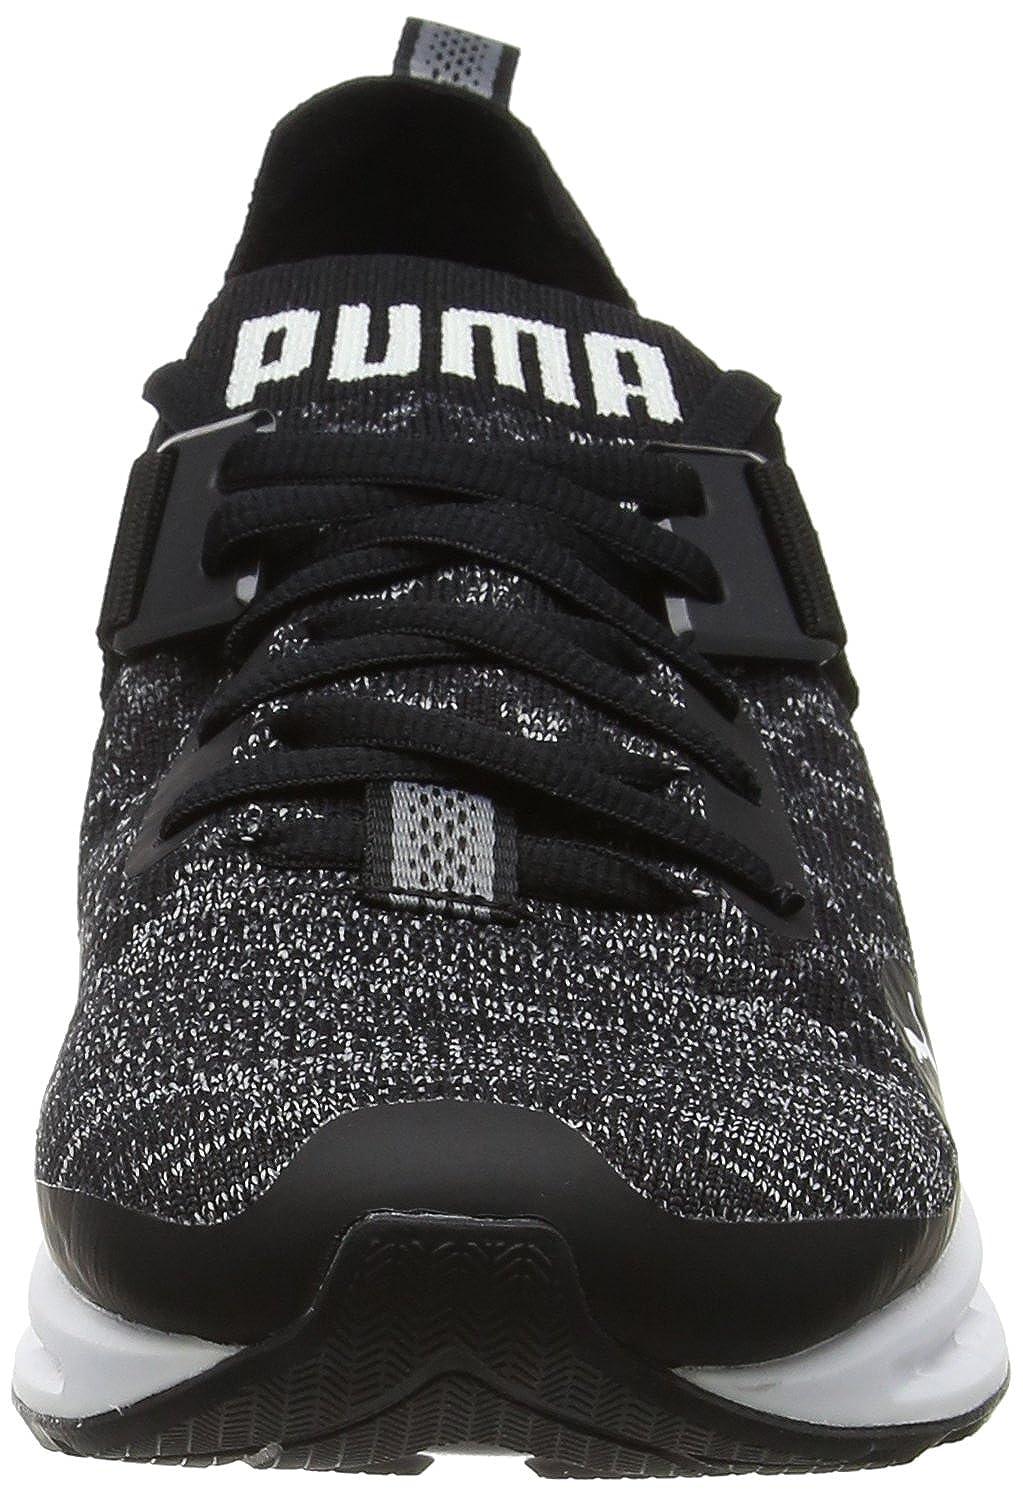 Puma Ignite Evoknit Lo, Zapatillas De Deporte Deporte Deporte para Exterior para Mujer 6627e6